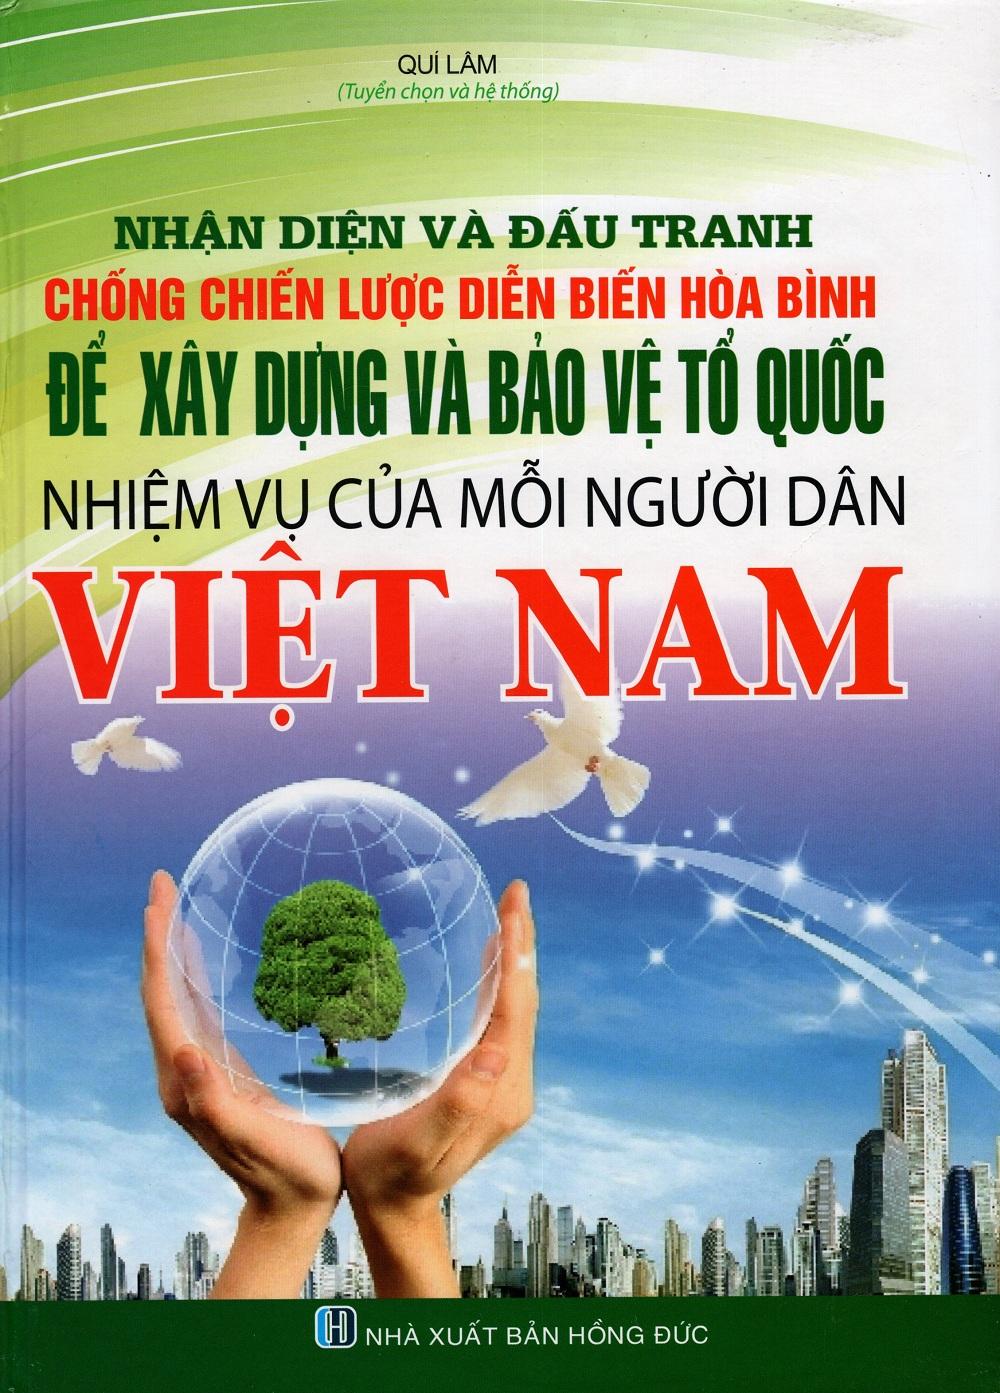 Bìa sách Nhận Diện Và Đấu Tranh Chống Chiến Lược Diễn Biến Hòa Bình Để Xây Dựng Và Bảo Vệ Tổ Quốc - Nhiệm Vụ...